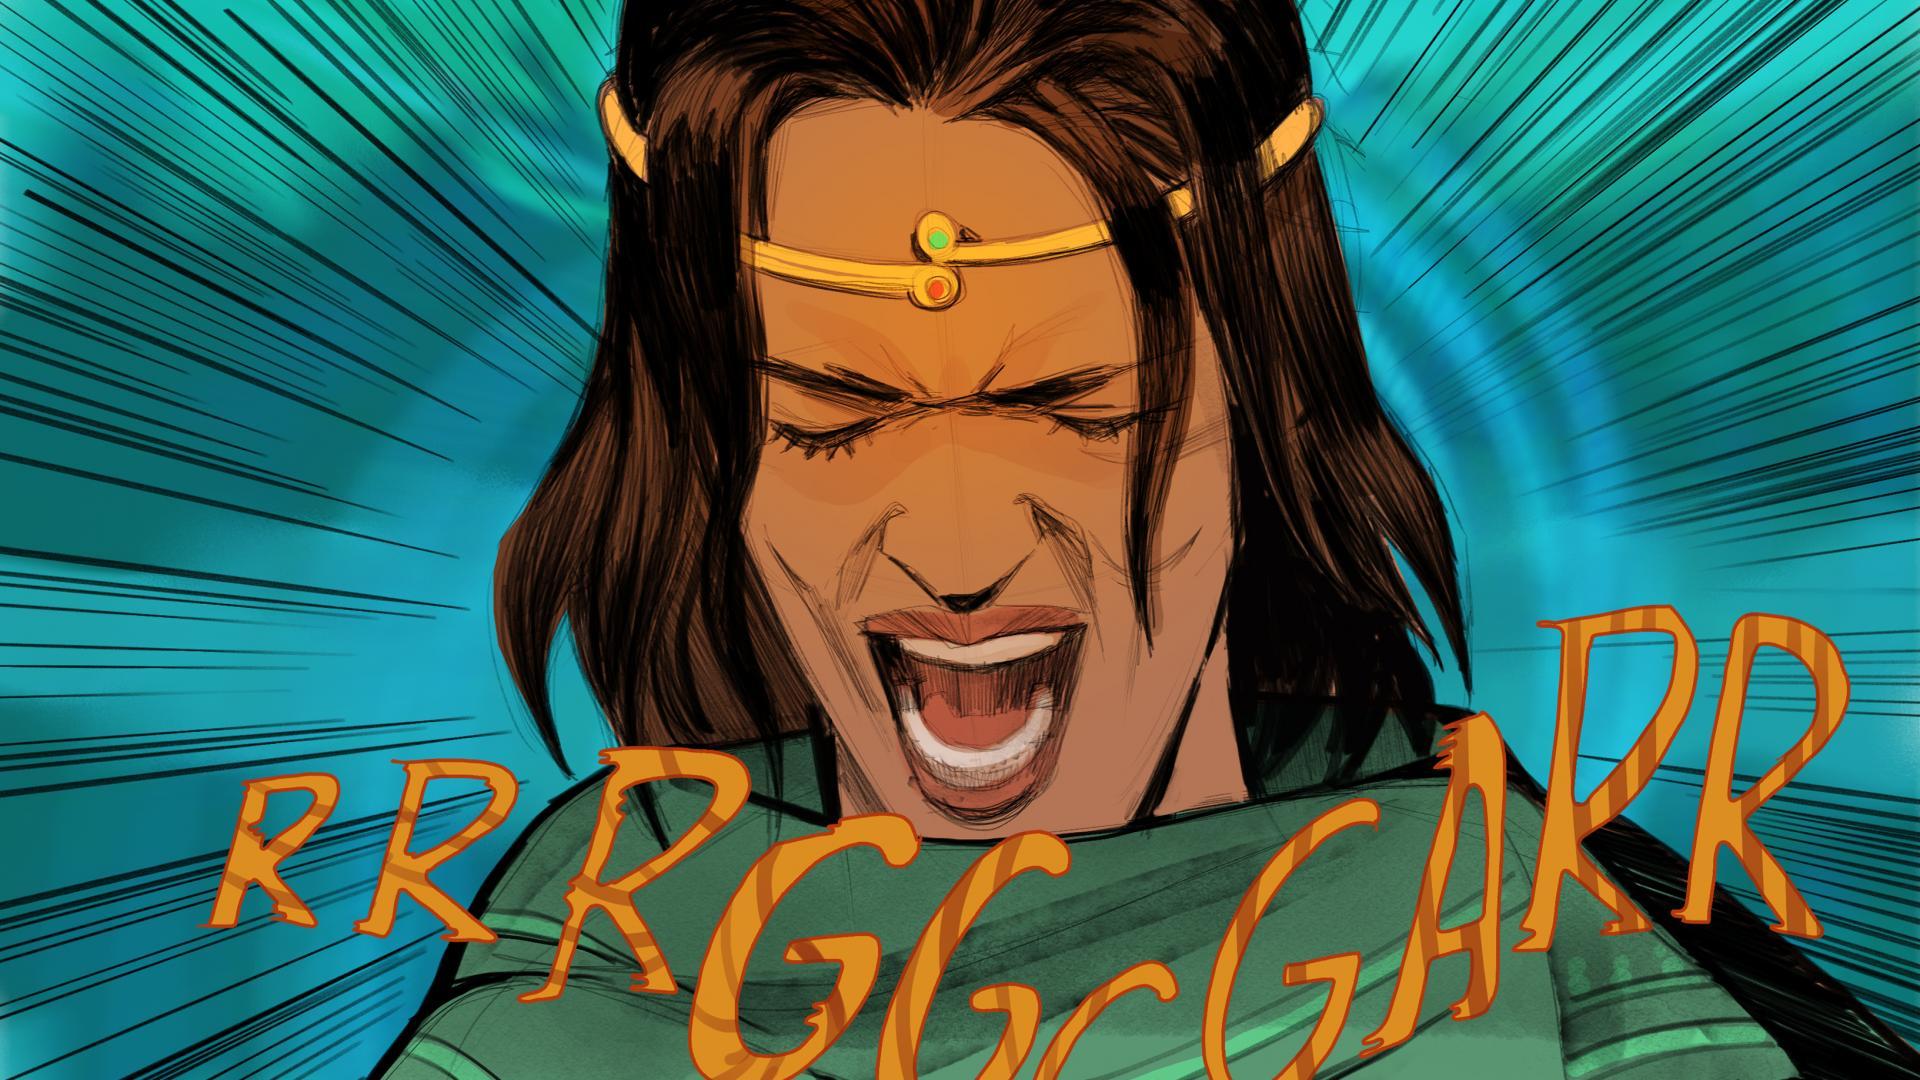 Priya's Shakti Comic Heldin für Frauenrechte Indien